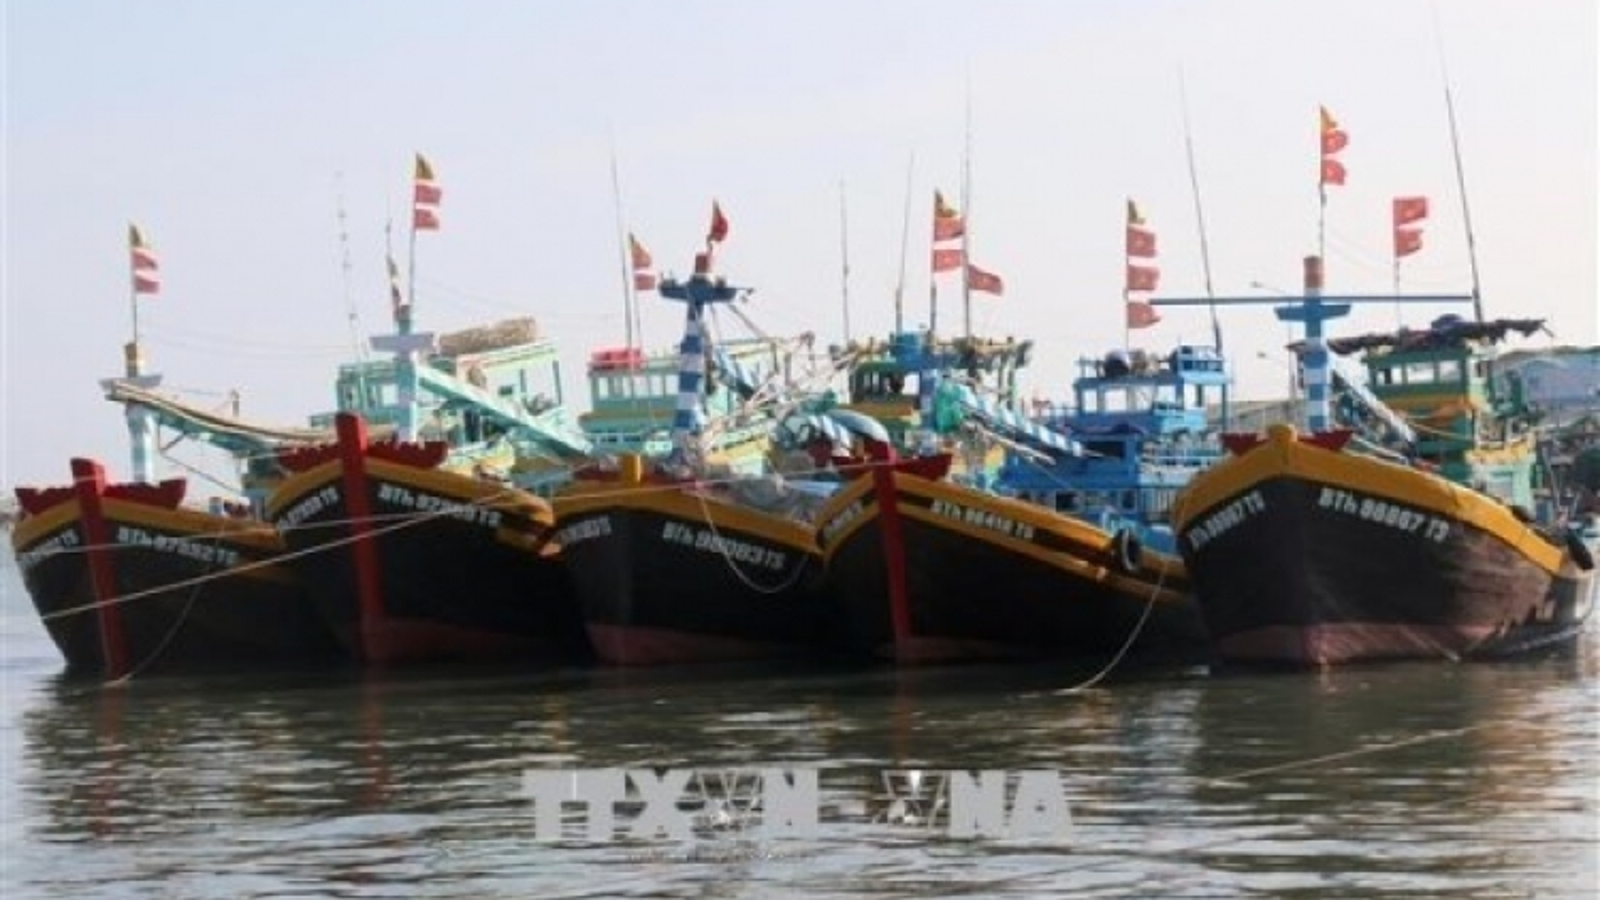 Binh Thuan province makes progress in fighting IUU fishing